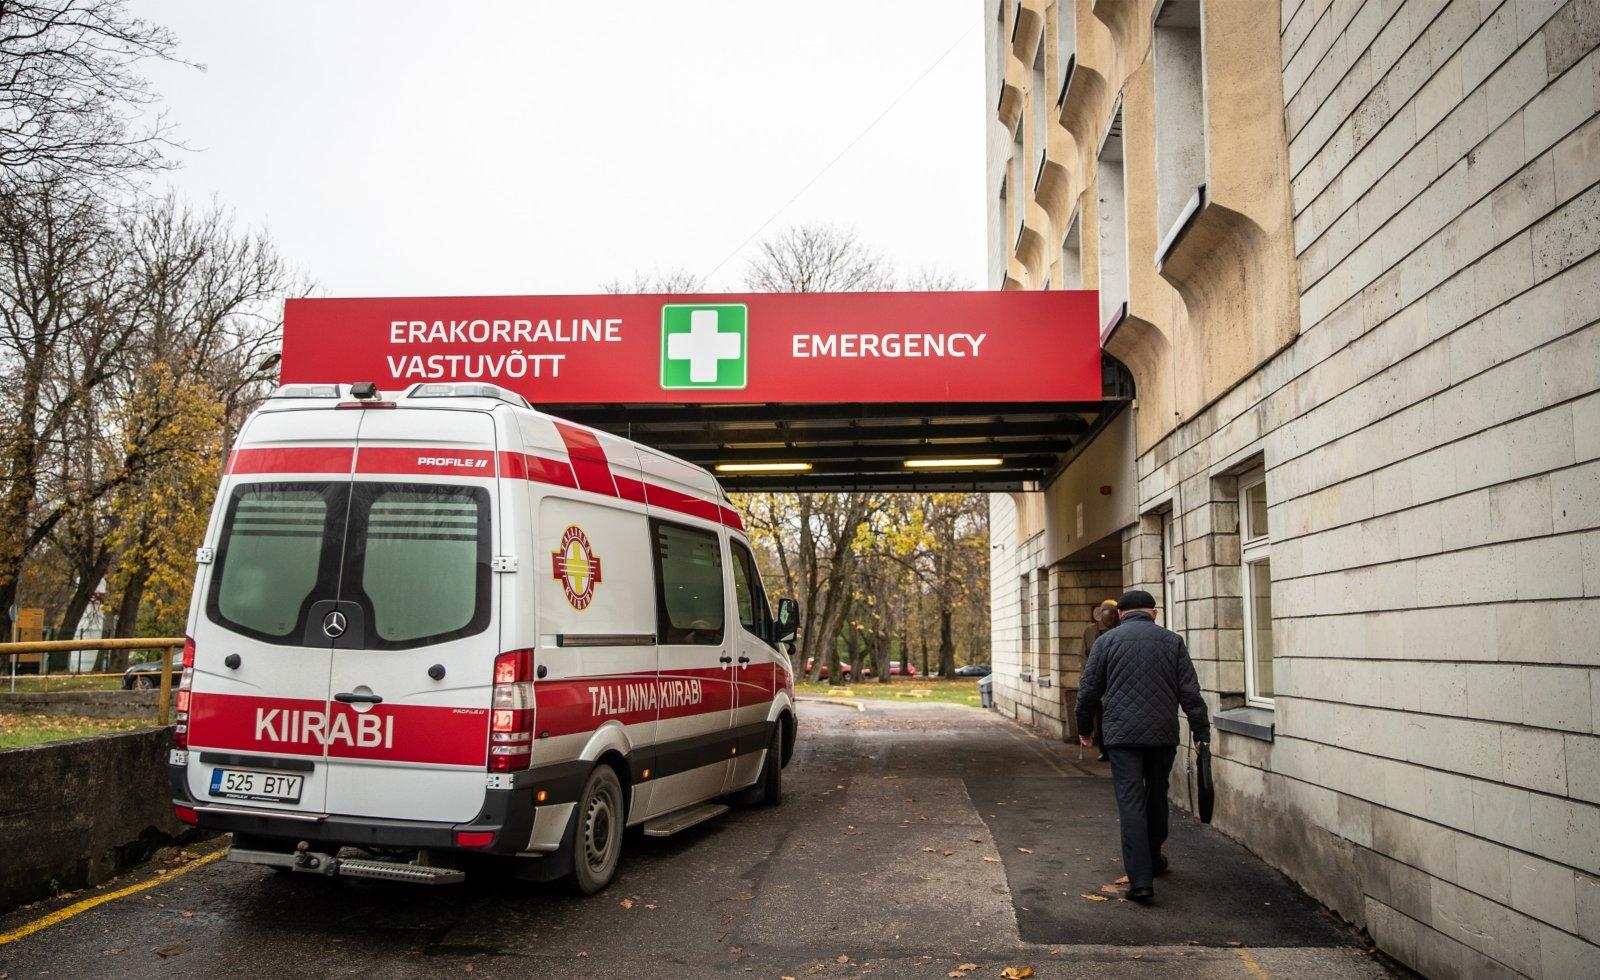 Seitse kiirabiautot seismas haiglaukse taga järjekorras - on see koroonakaose valus ilmestaja või mitte? Olukorda kommenteeritakse Ida-Tallinna Keskhaiglast ja